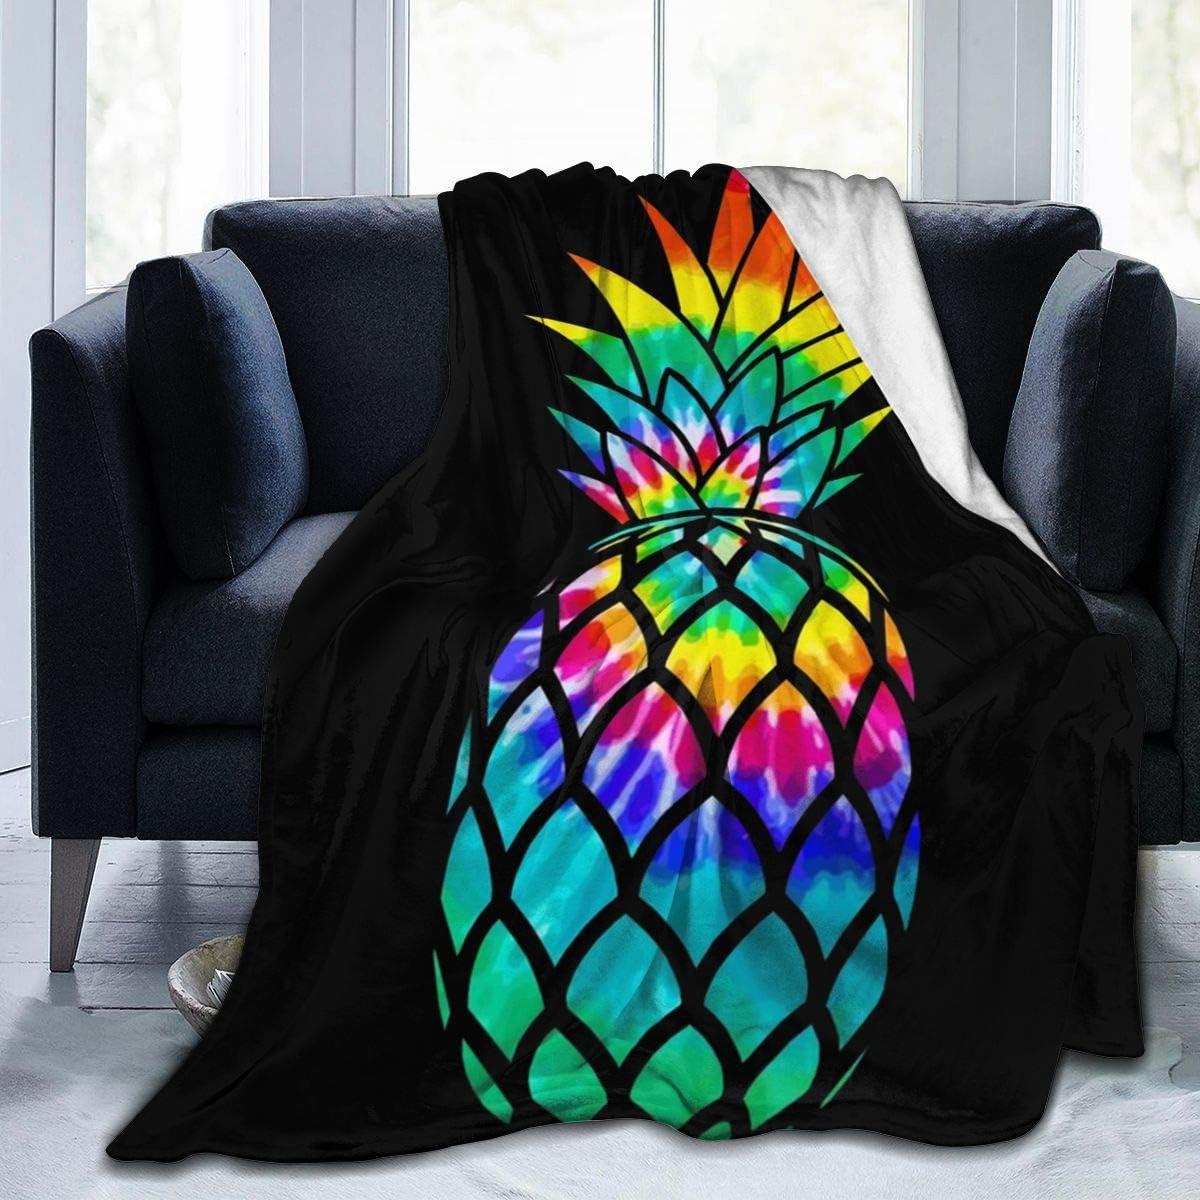 AUISS Plush Throw Velvet Blanket Dyed Pineapple Fluffy Fleece Carpet Chair Bed for Kids Durable Sleep Mat Pad Flannel Cover for Summer